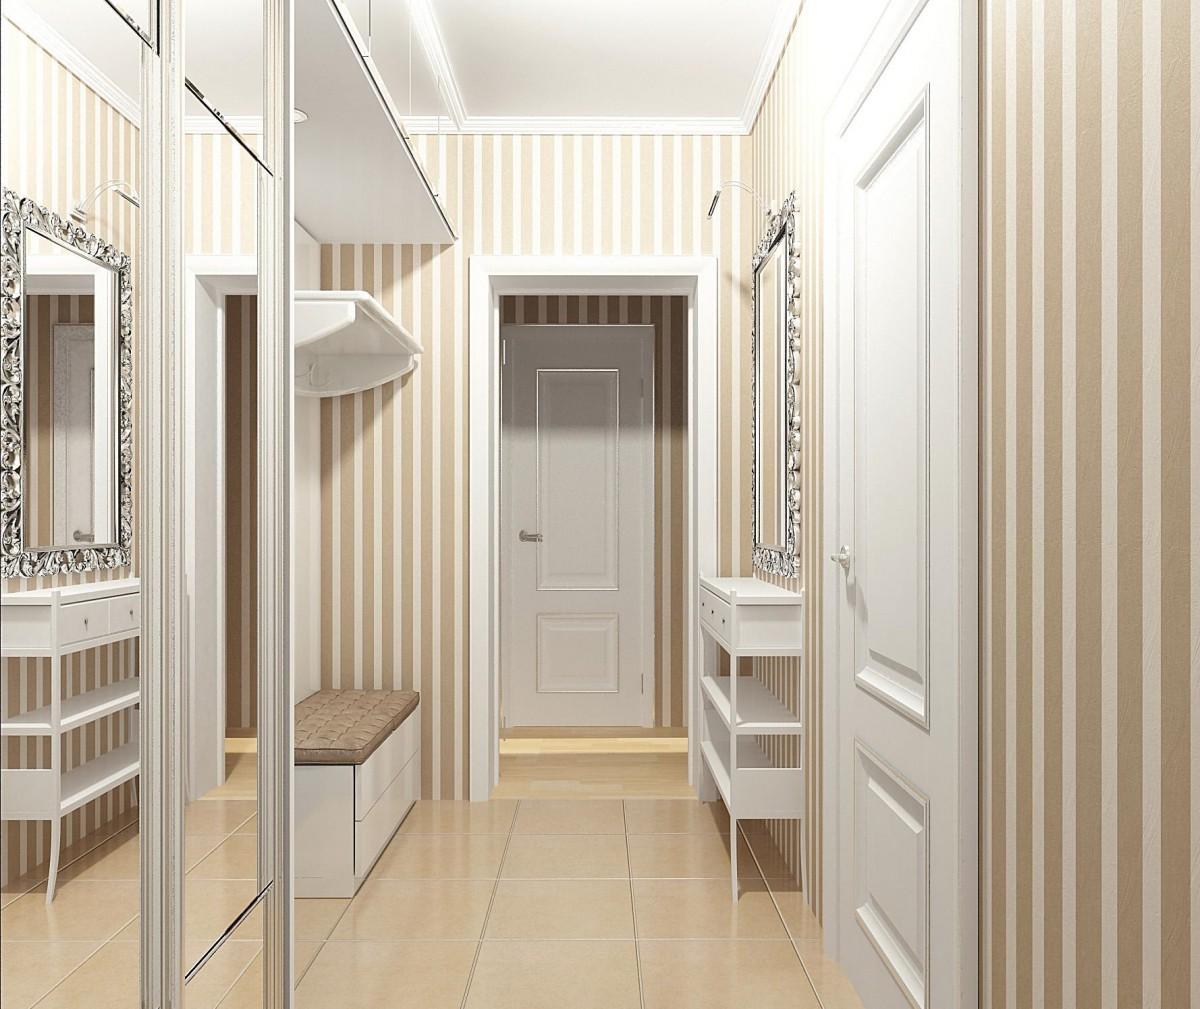 дизайн узкого коридора в стиле модерн